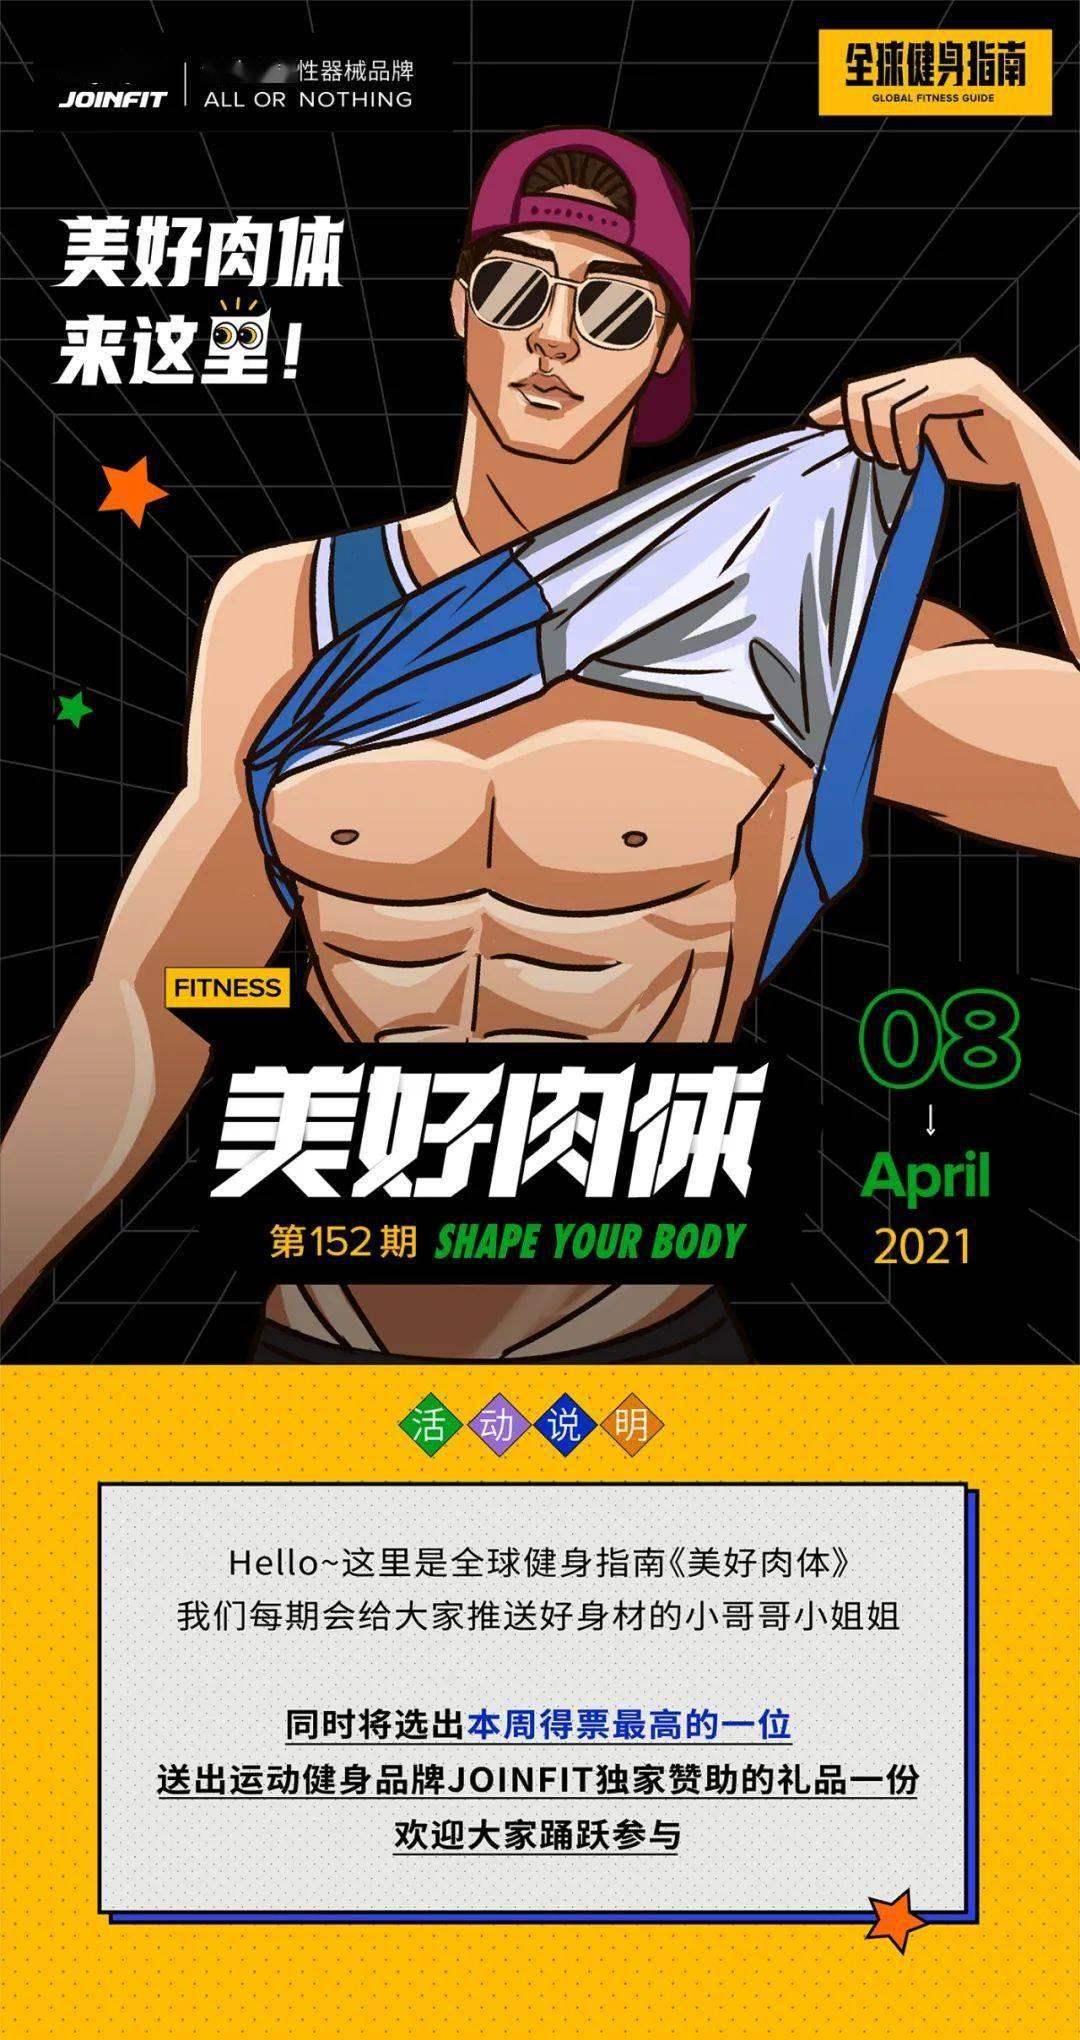 沐鸣3游戏-首页【1.1.0】